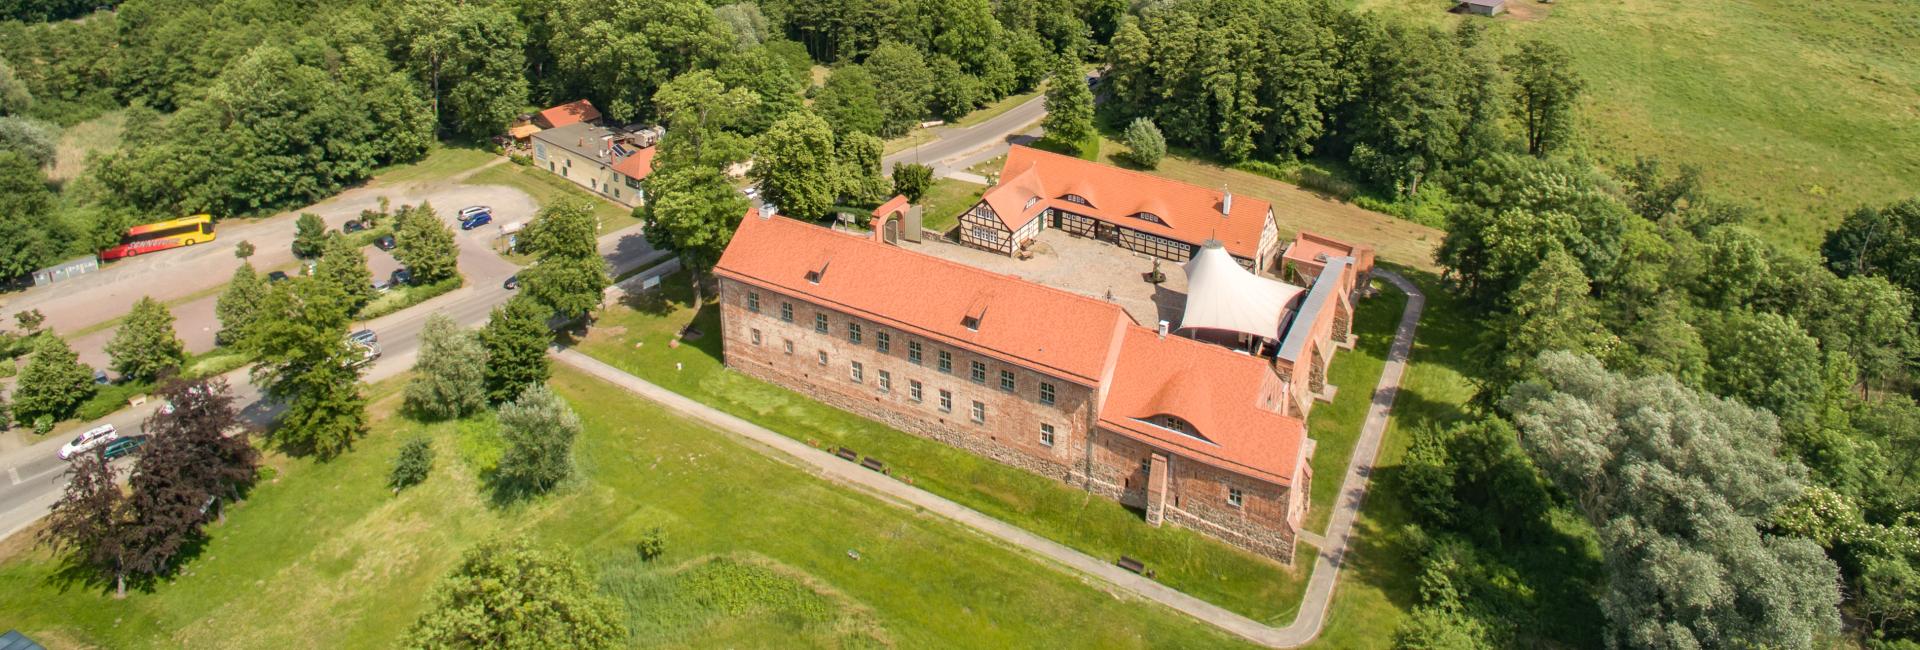 Burg aus der Vogelperspektive